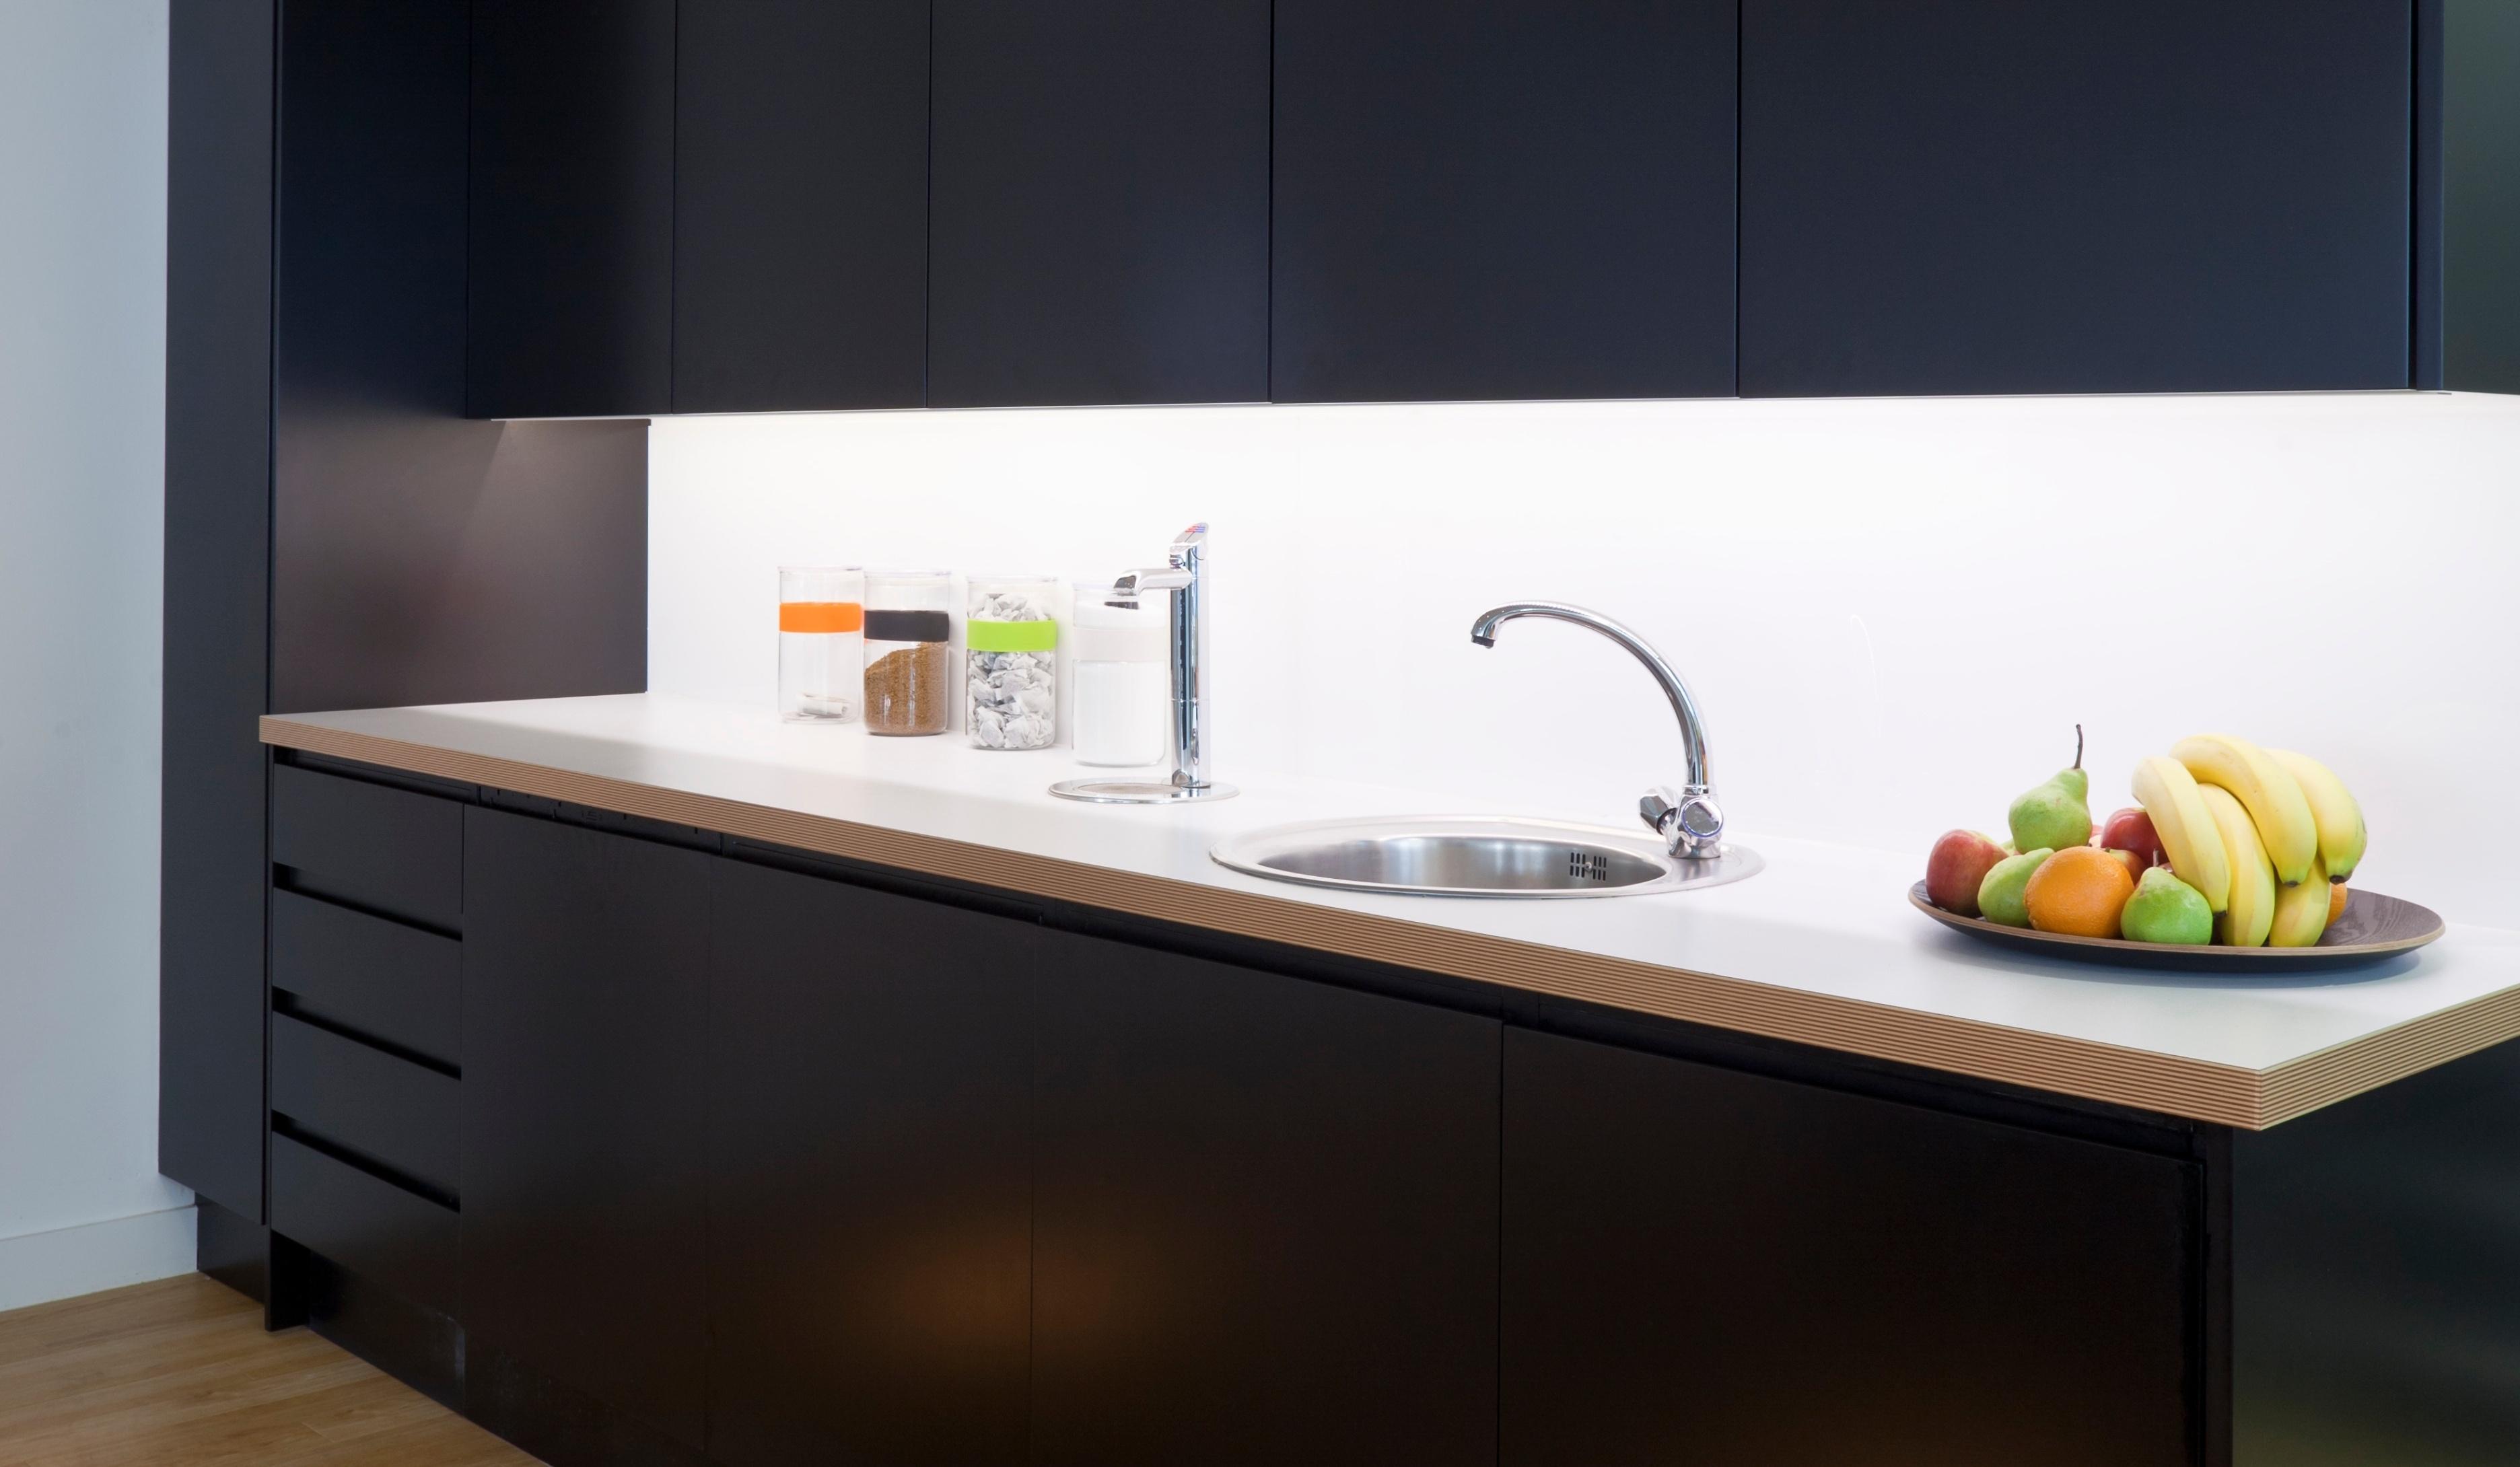 Undermount kitchen lighting under cabinet kitchen lighting undermount kitchen lighting undermount kitchen lighting workwithnaturefo